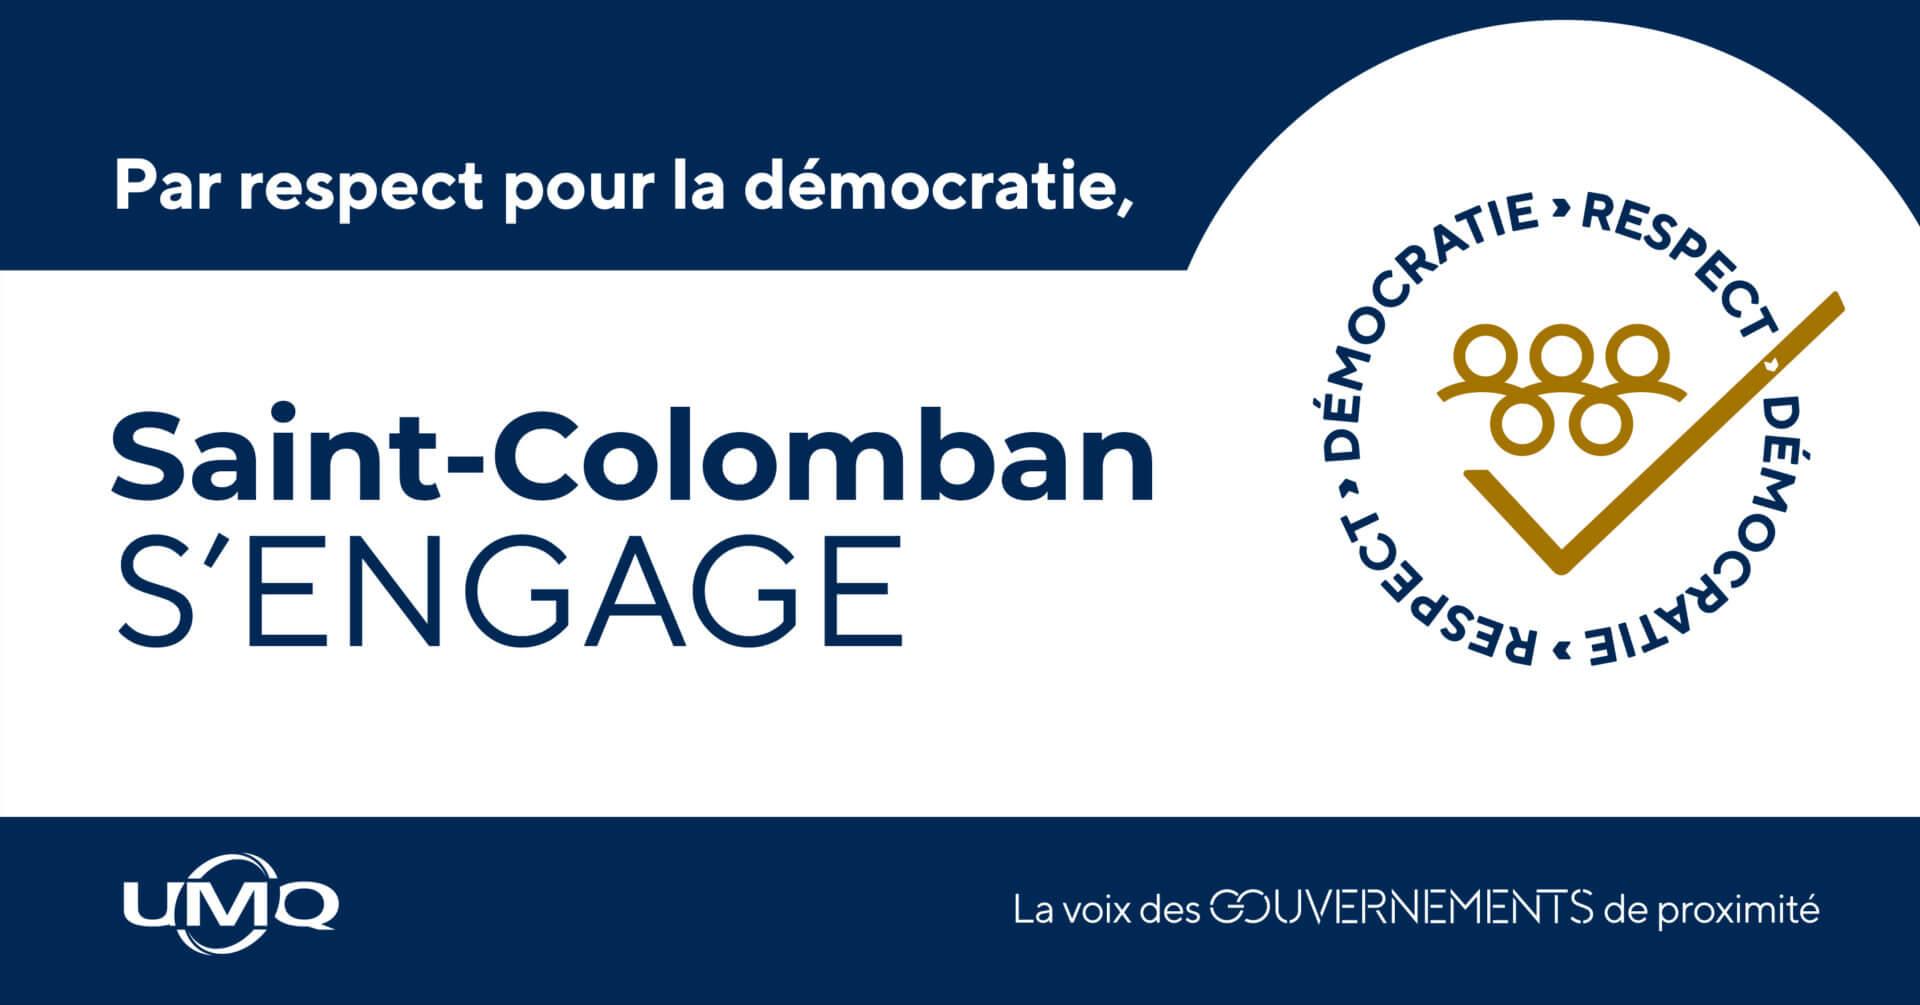 La Ville joint sa voix à une campagne nationale sur le respect de la démocratie